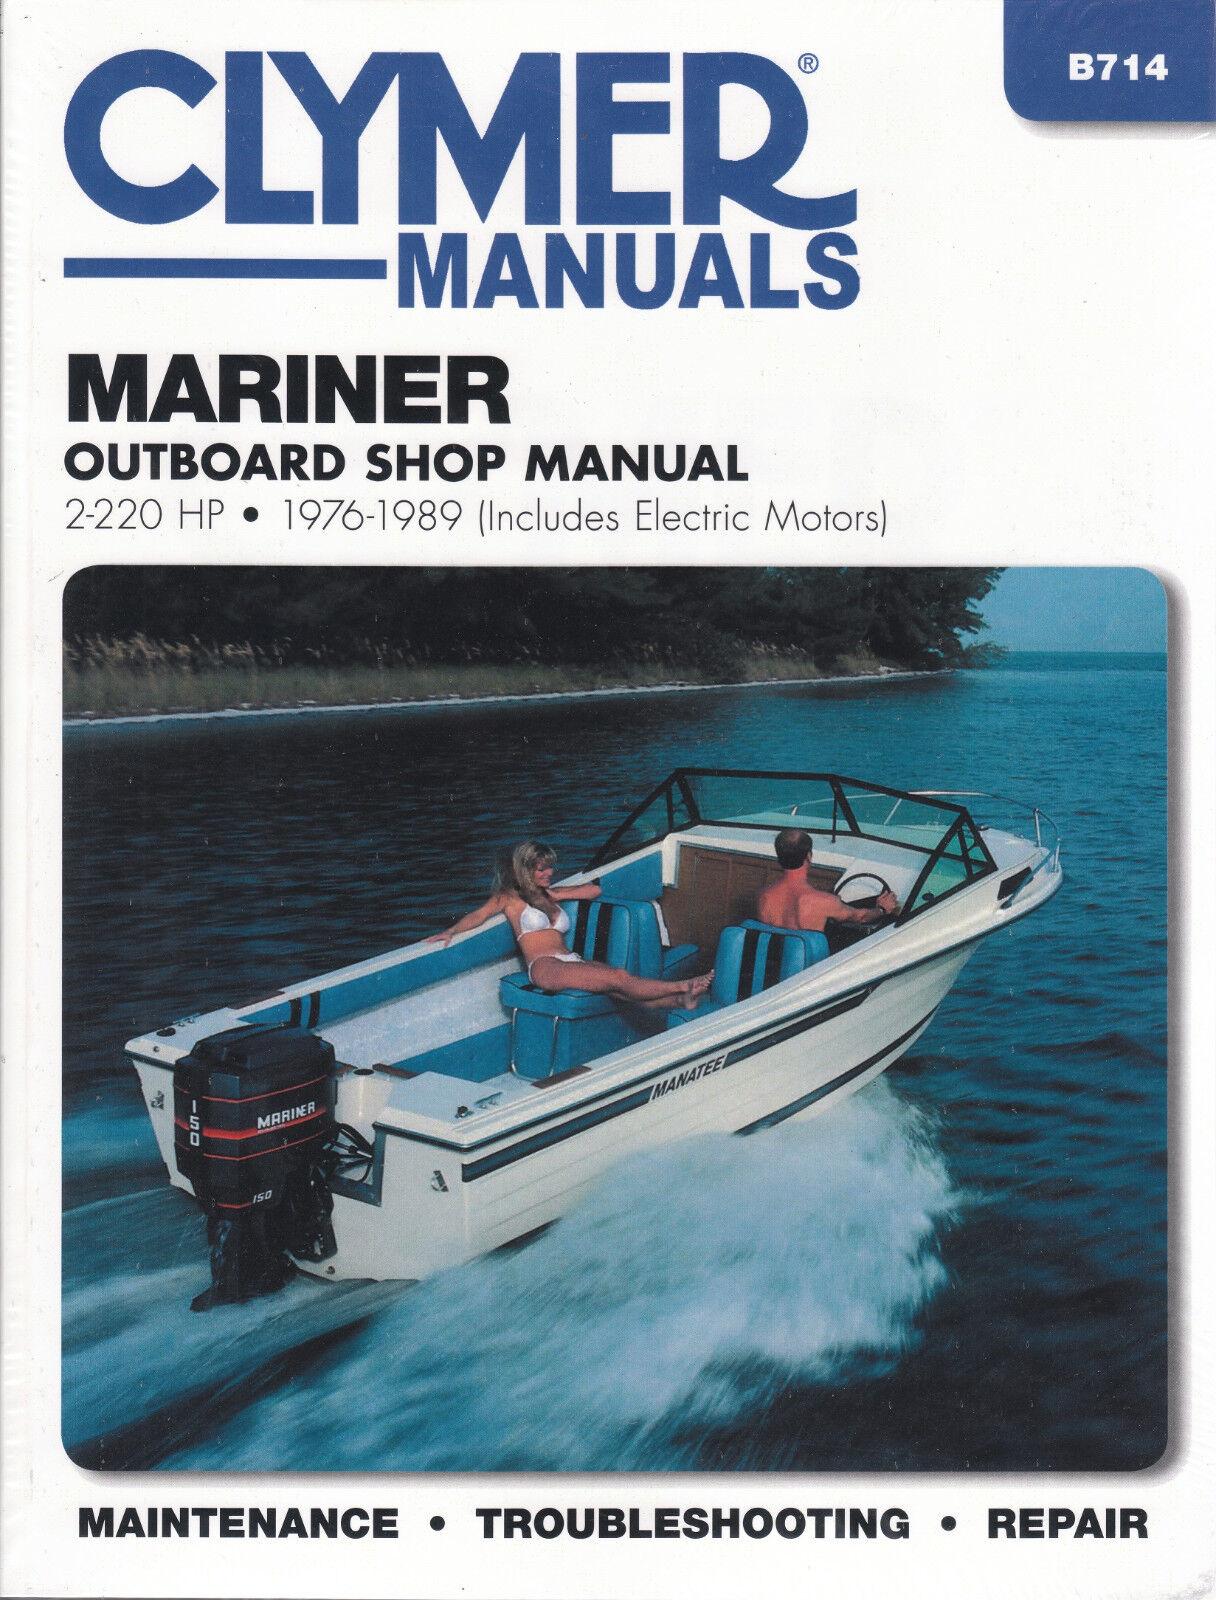 clymer manual mariner 2 220 hp ob 1976 1989 b714 marine ebay rh ebay com Clymer Reamer Specs clymer boat repair manuals